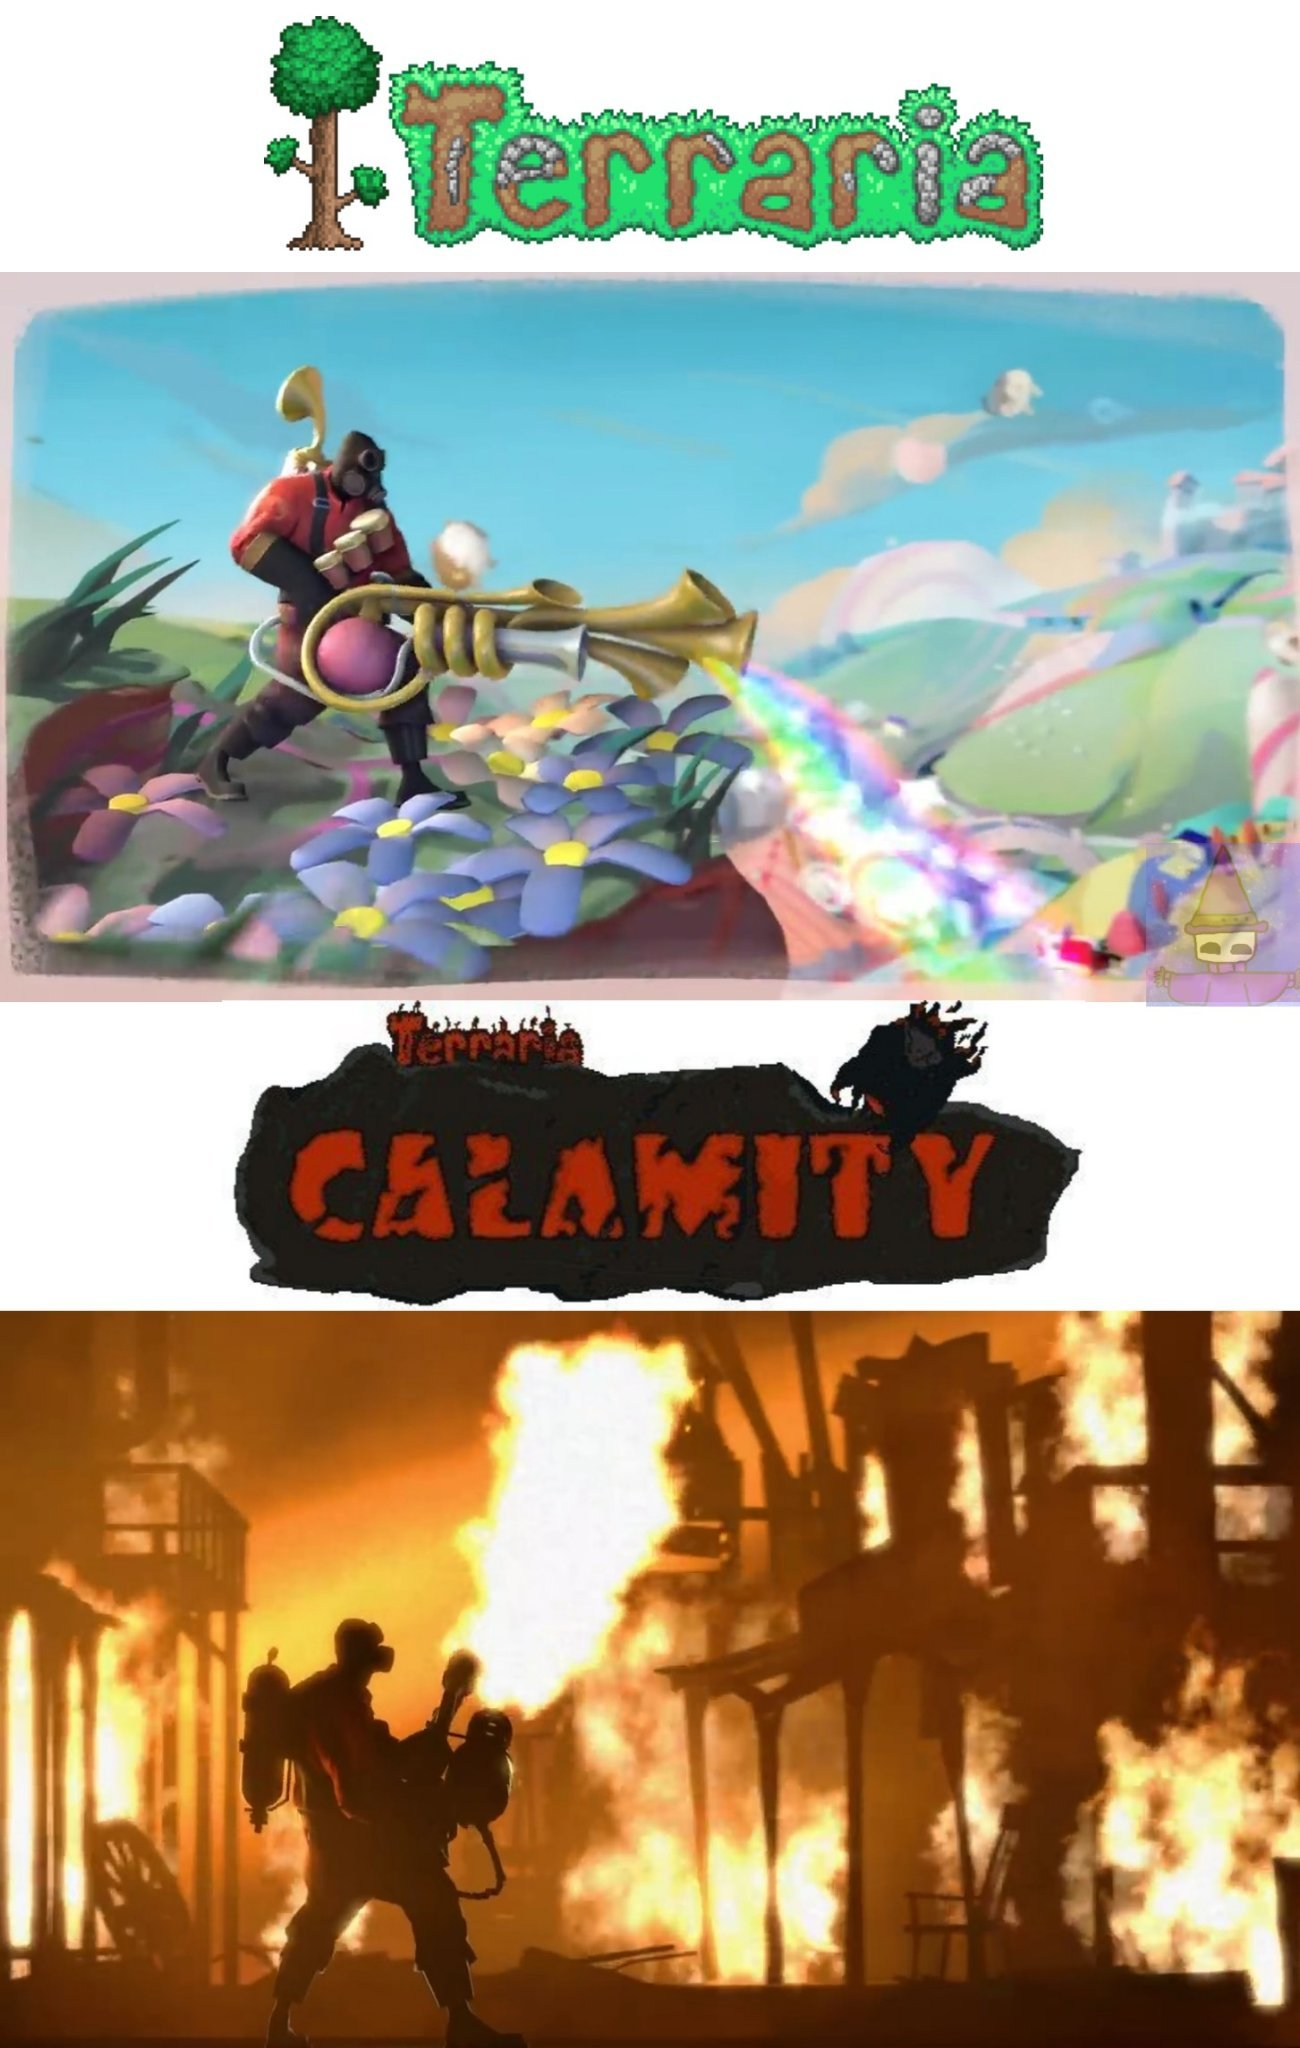 Calamity da miedo - meme